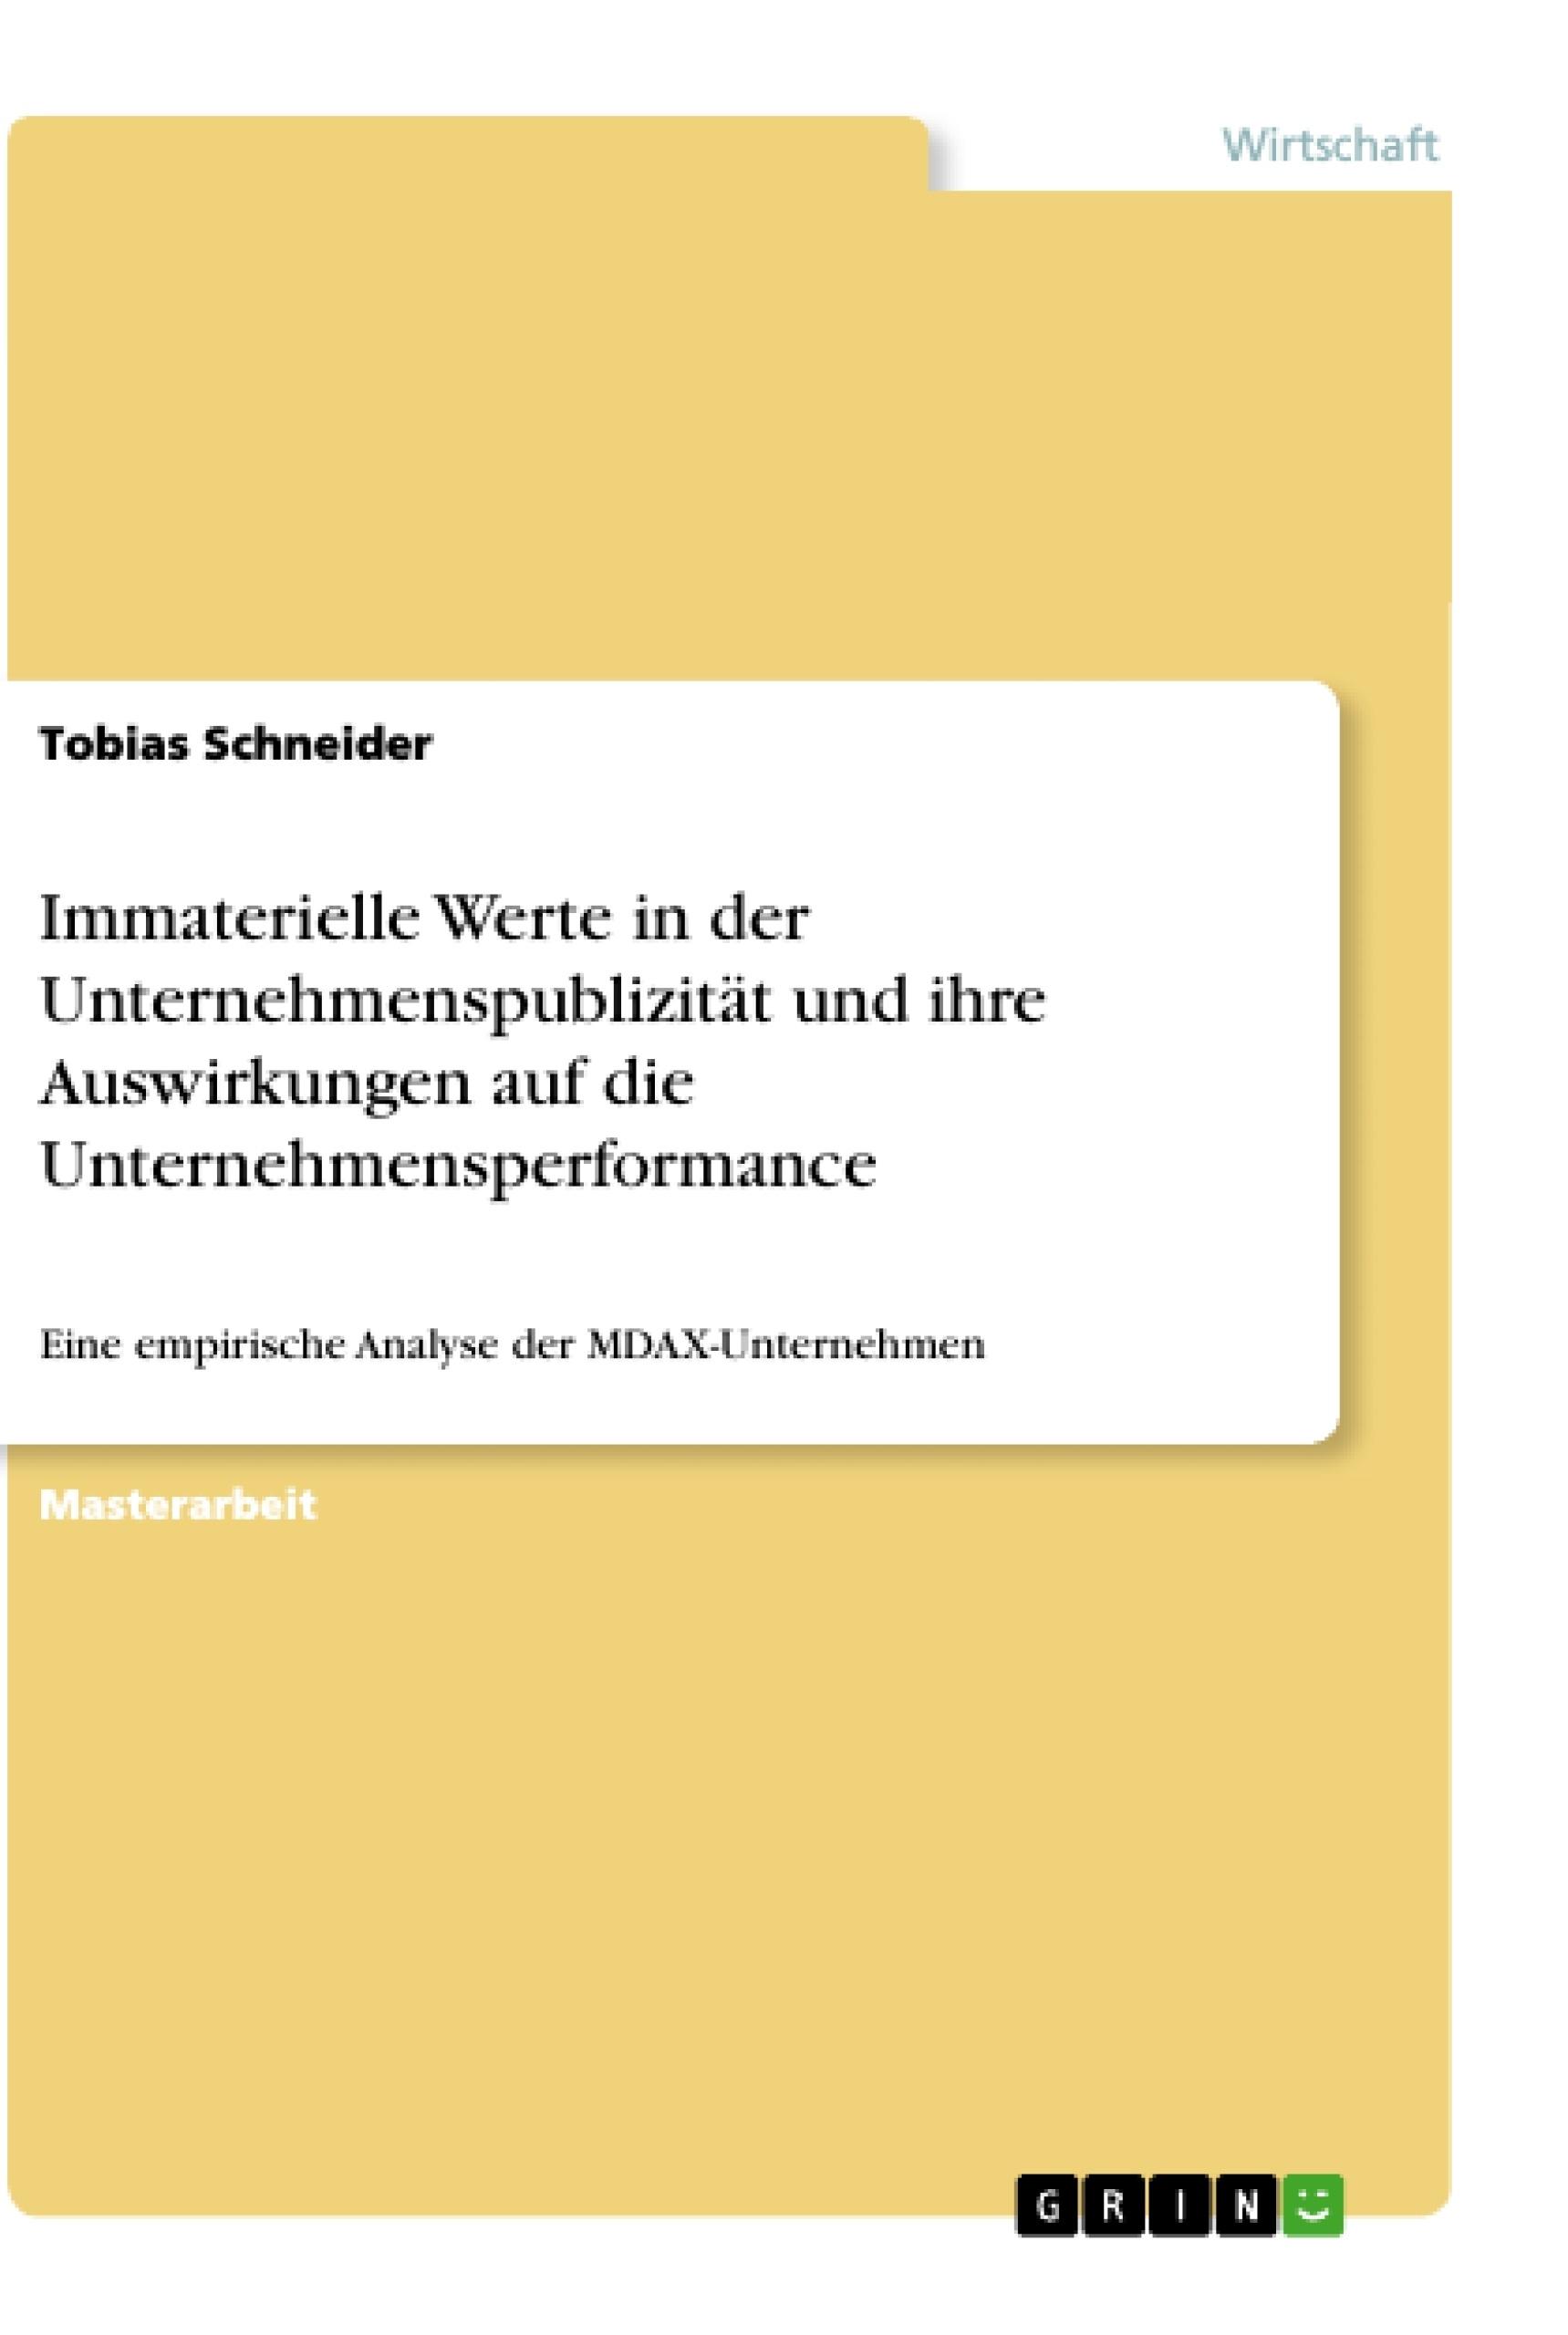 Titel: Immaterielle Werte in der Unternehmenspublizität und ihre Auswirkungen auf die Unternehmensperformance